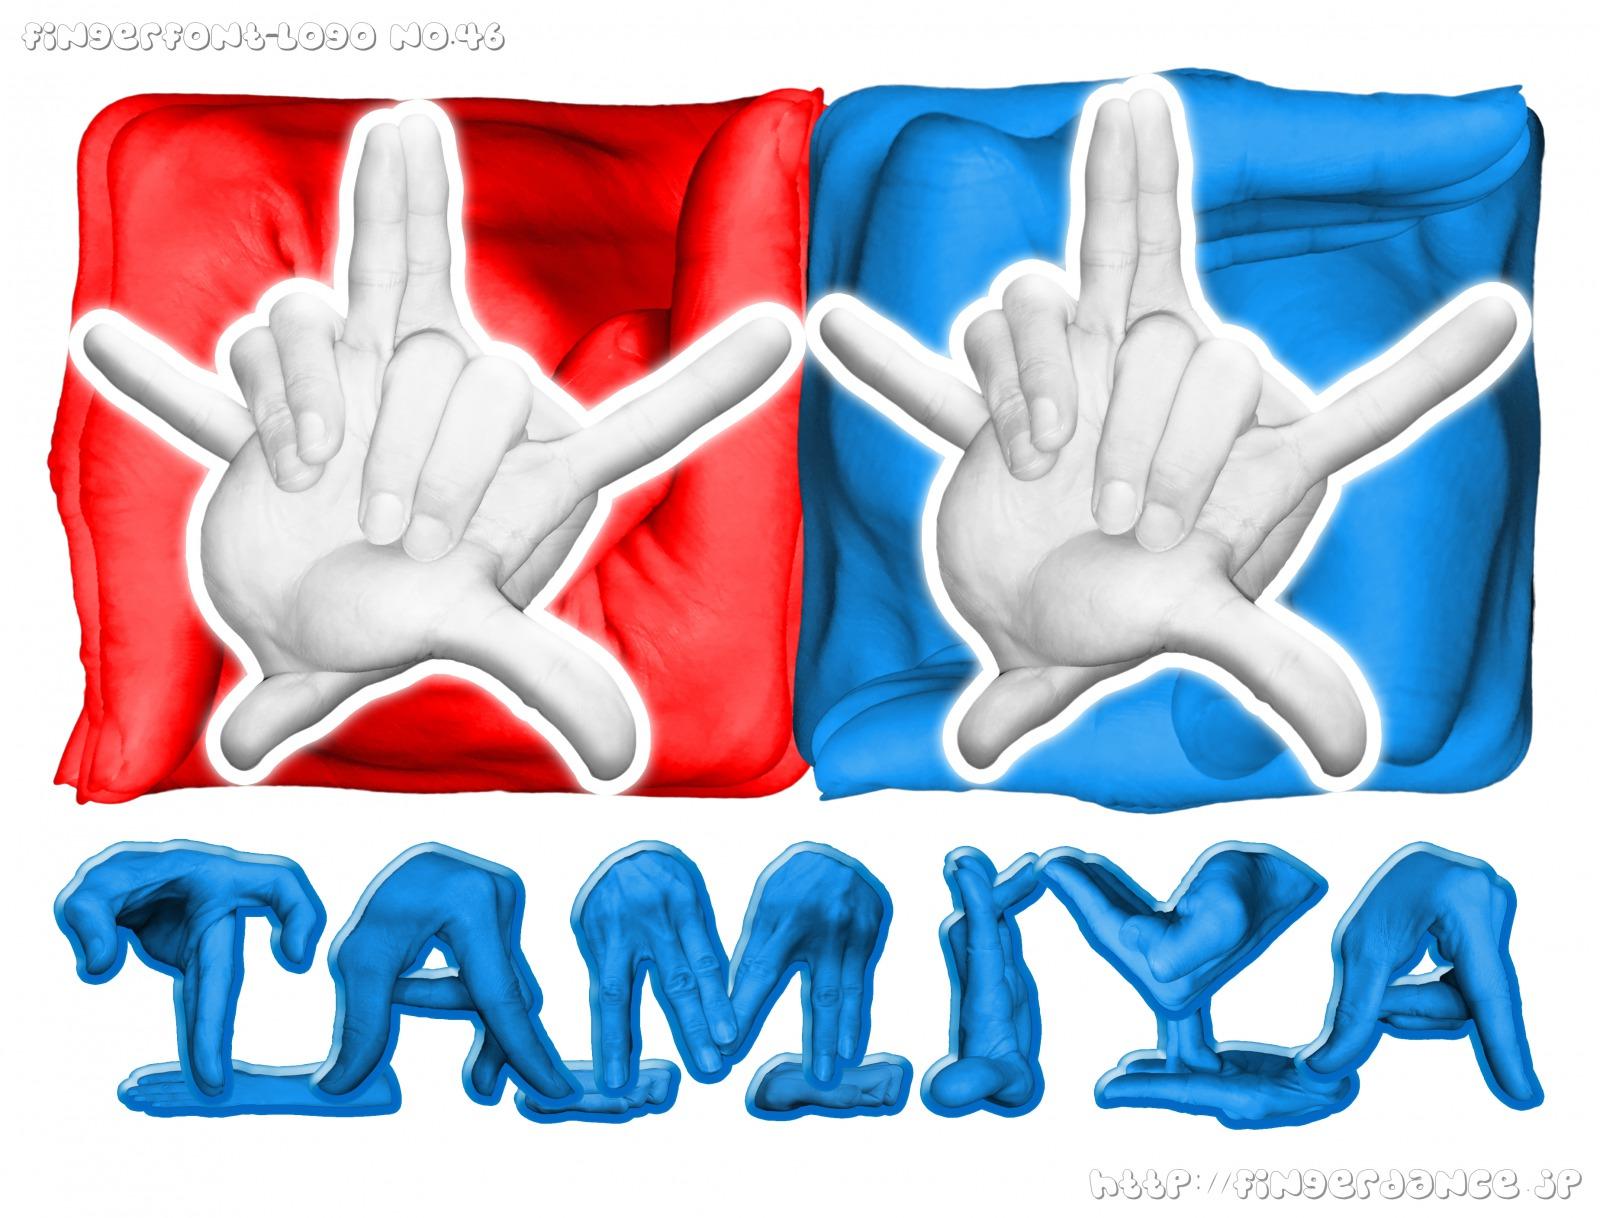 TAMIYA-fingerhttp://fingerdance.jp/L/logohand タミヤフィンガーロゴハンド 手指